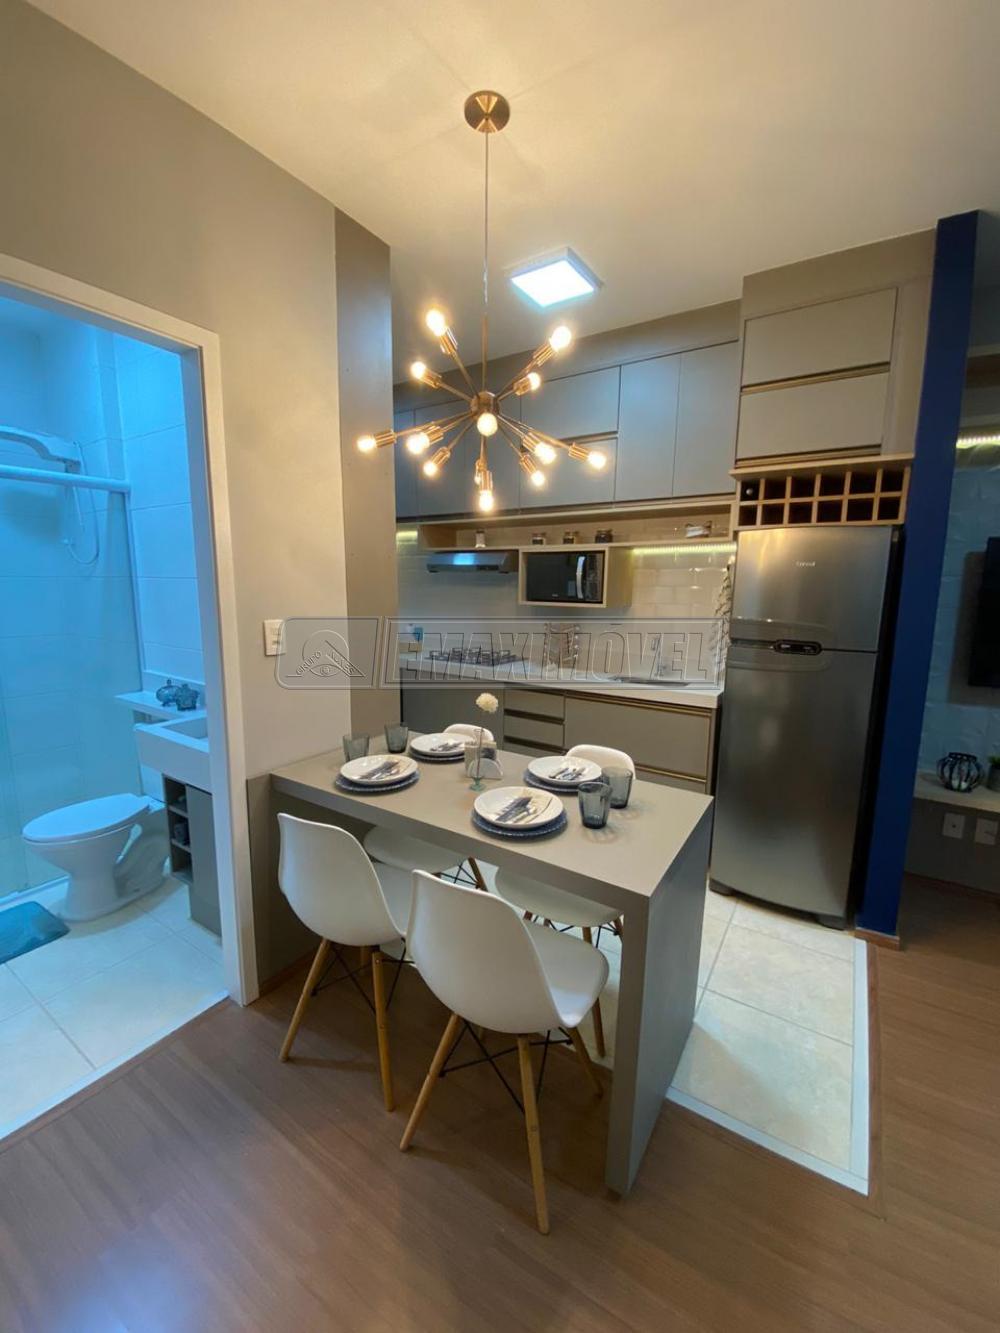 Comprar Apartamentos / Apto Padrão em Sorocaba R$ 143.900,00 - Foto 5